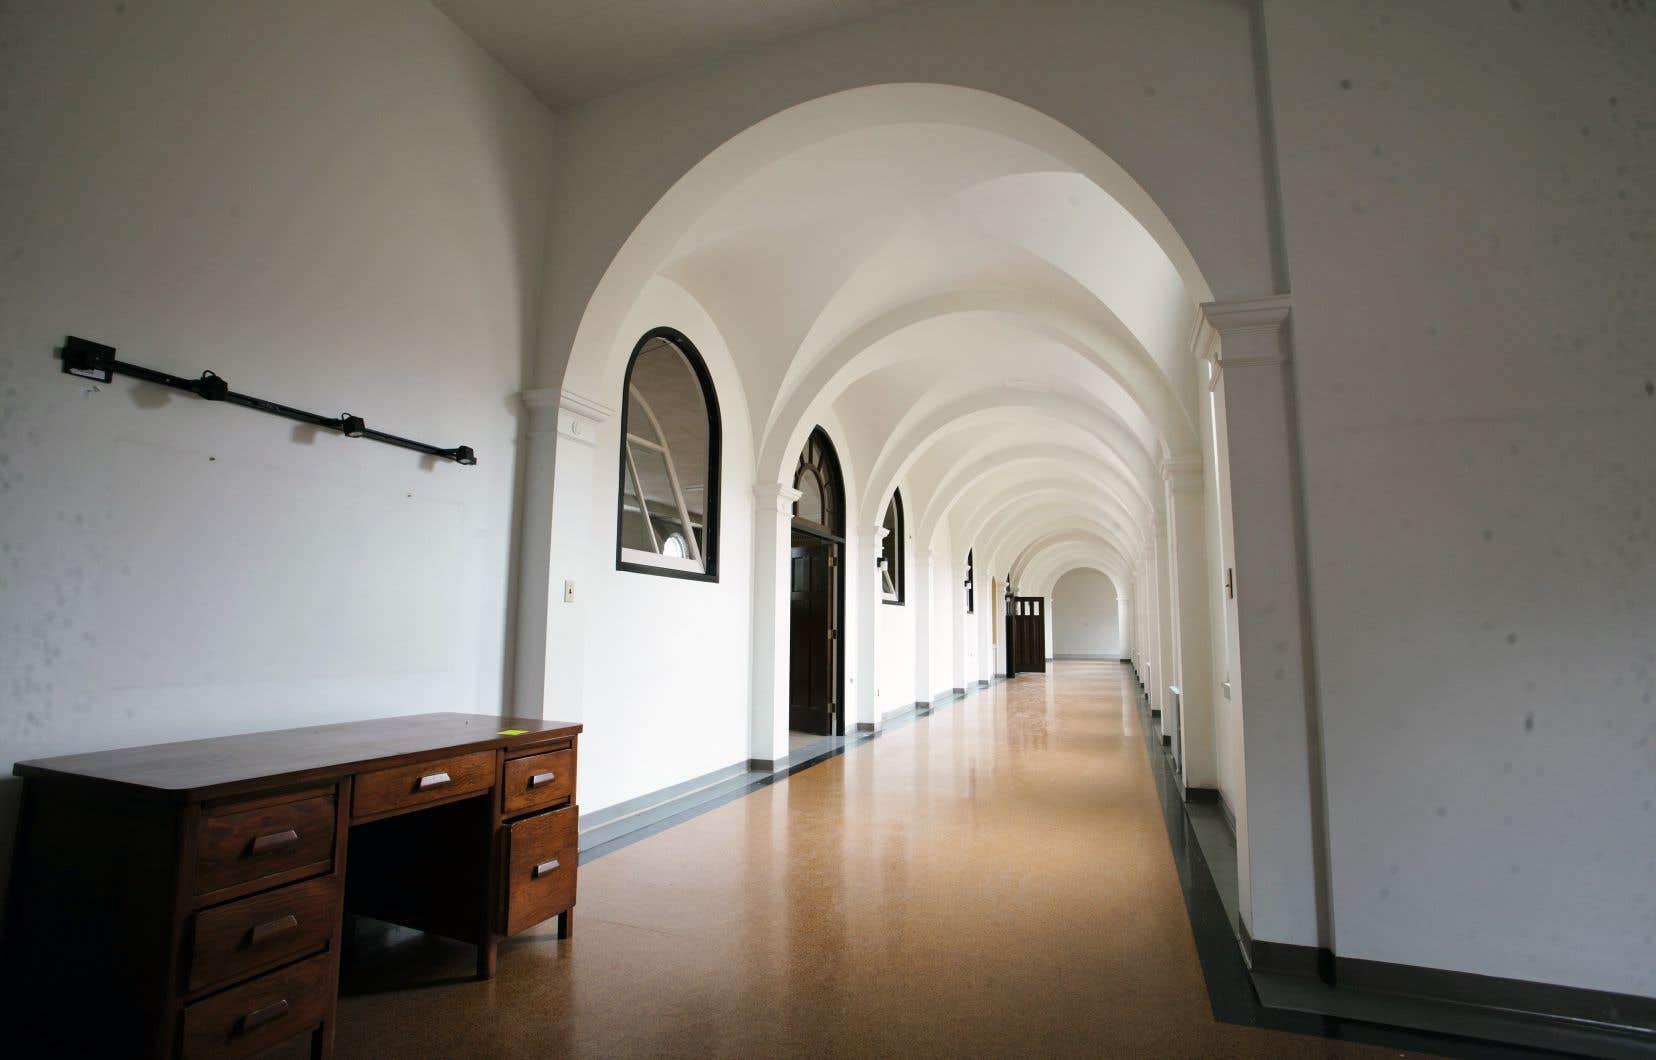 Le monastère des Moniales dominicaines, construit en 1934, était voué à la démolition, avec l'accord de la municipalité de Berthierville, jusqu'à ce que le ministère de la Culture ordonne sa préservation dans l'intérêt commun.